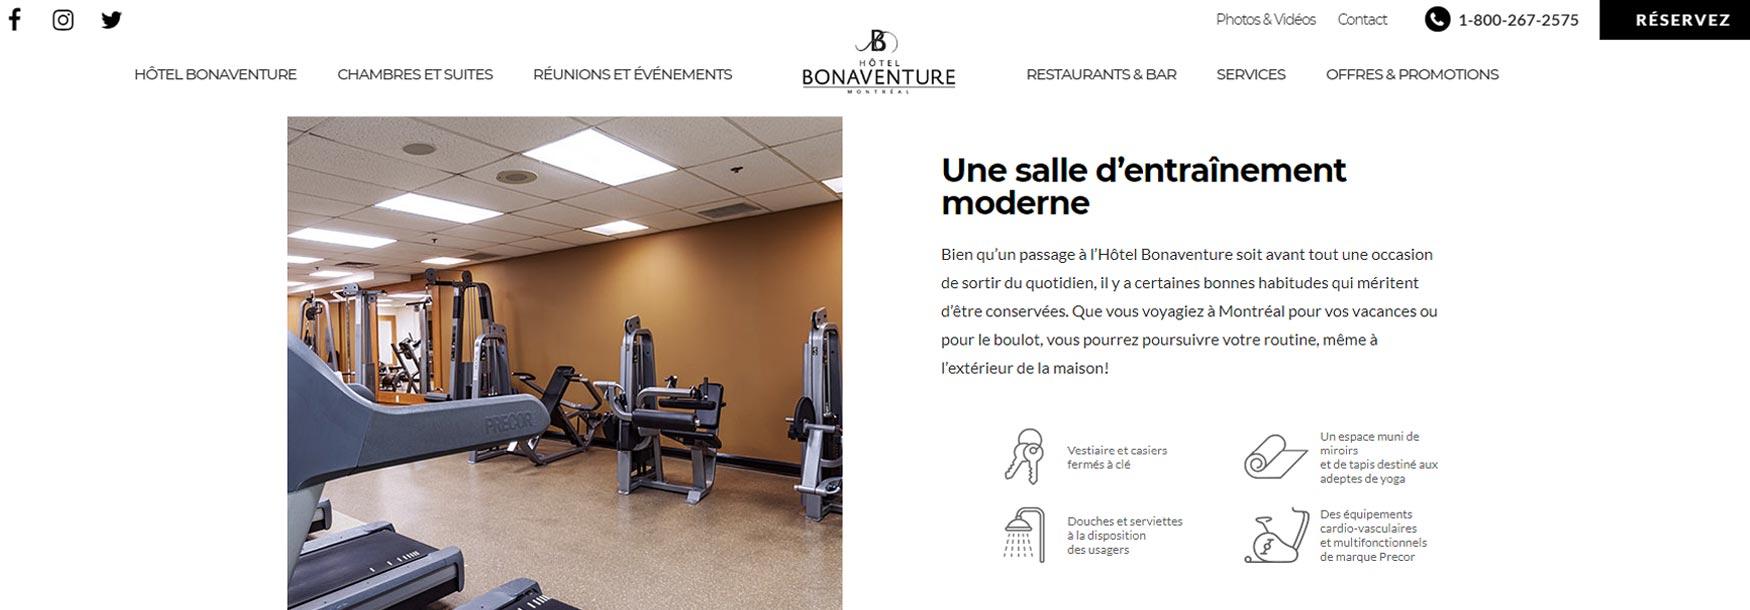 hotel-bonaventure-6